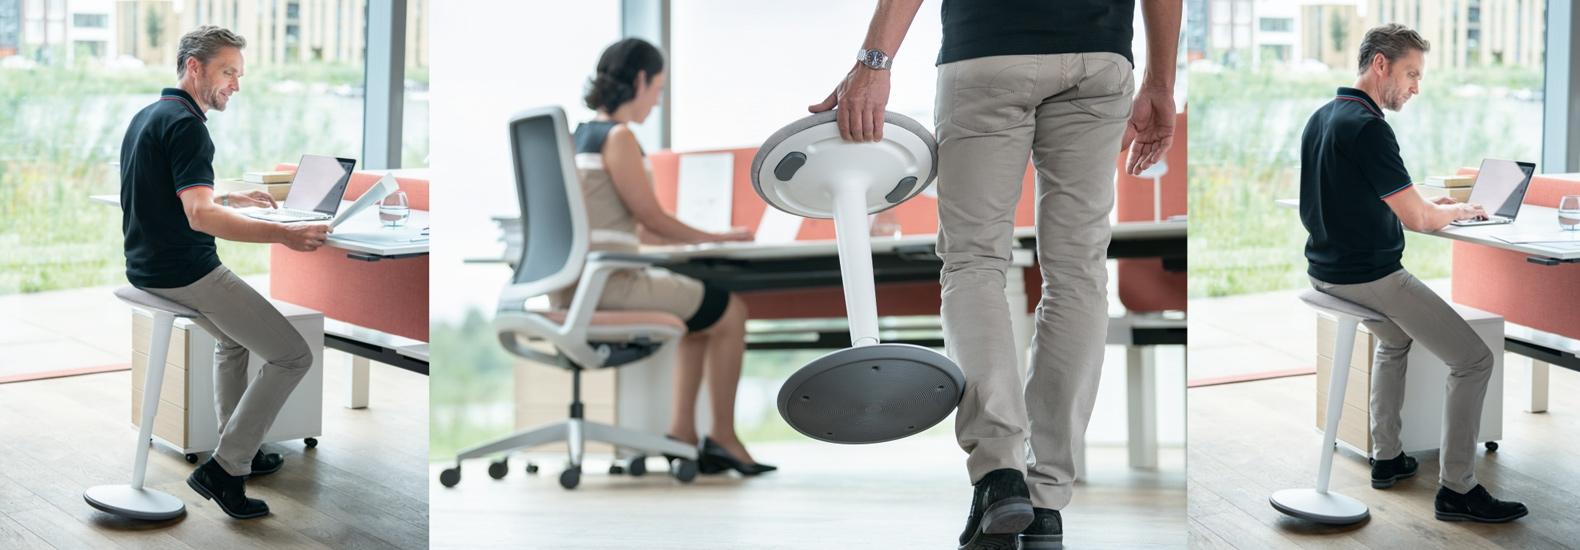 Mit se:fit hat Sedus einen vielseitigen Stehsitz entwickelt, der zur Bewegung animiert und ein lebendiges Sitzen oder Lehnen ermöglicht.